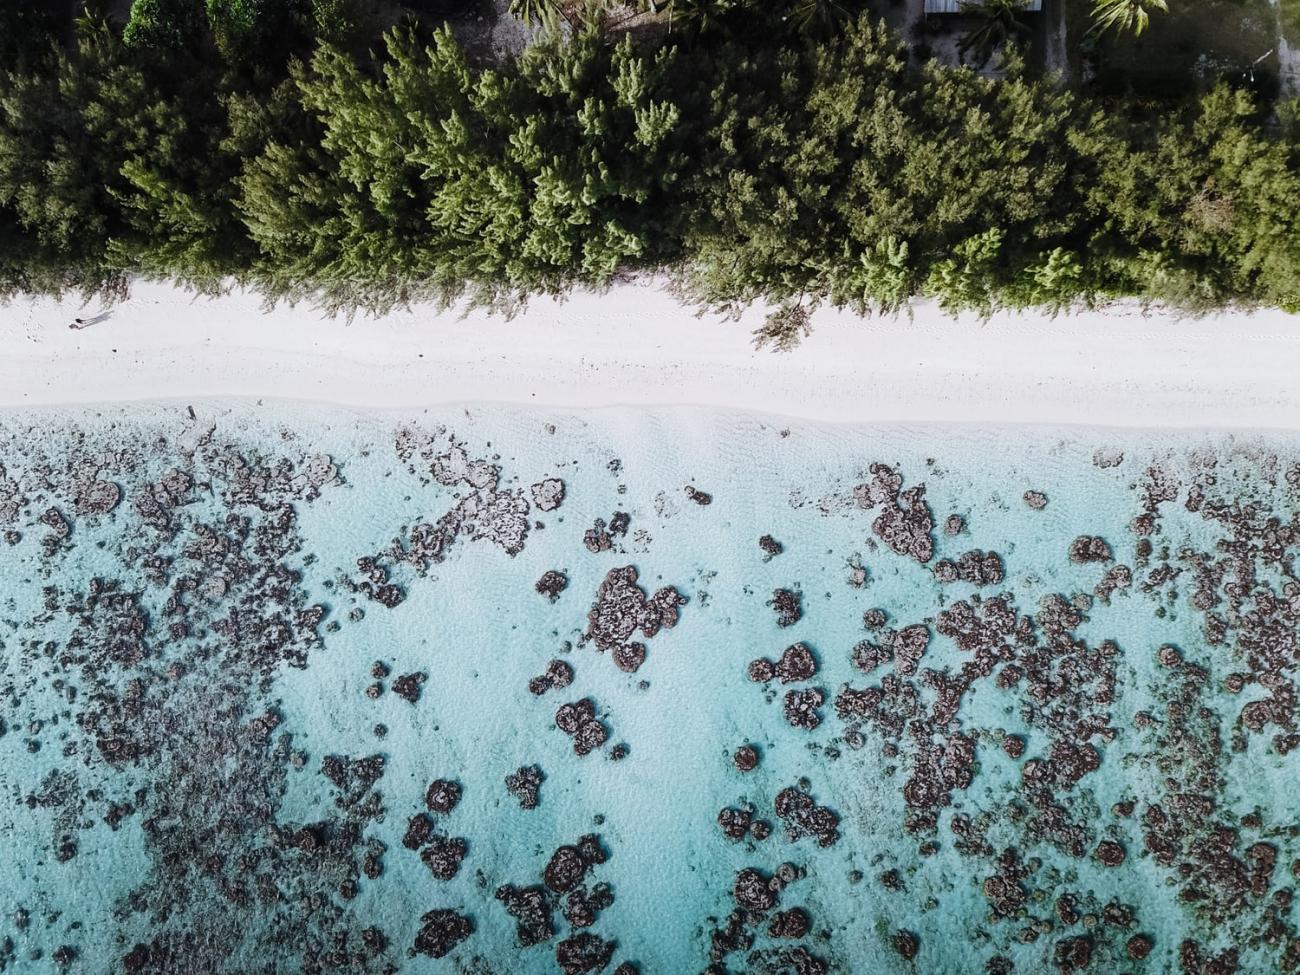 Vue aérienne prise au drone à Rurutu, archipel des Australes, Polynésie française